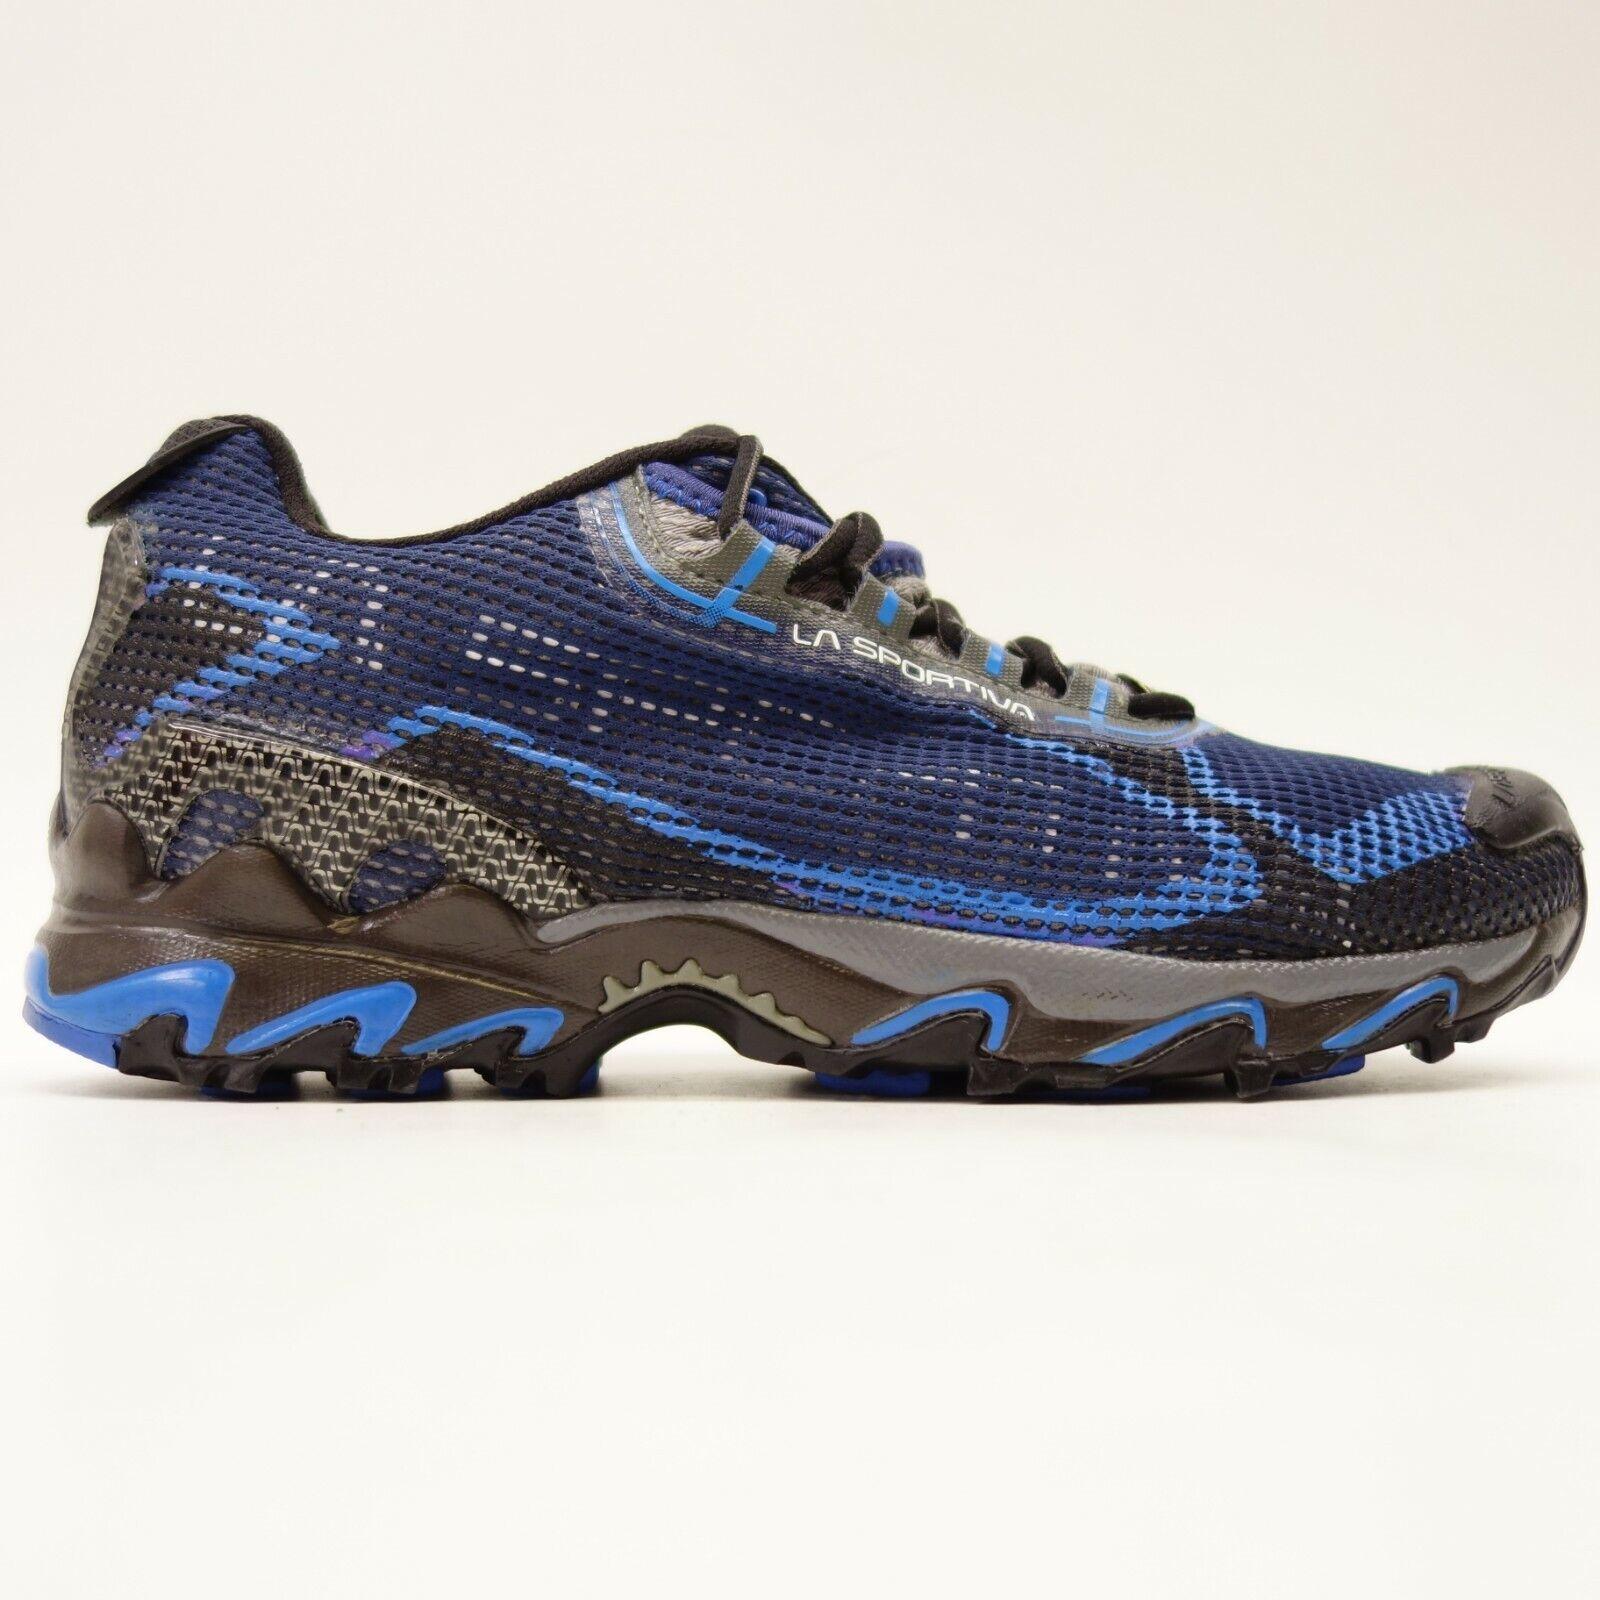 La Sportiva Wildkatze US 9,5 Eu 42,5 Blau Athletic Traillauf Herren Schuhe